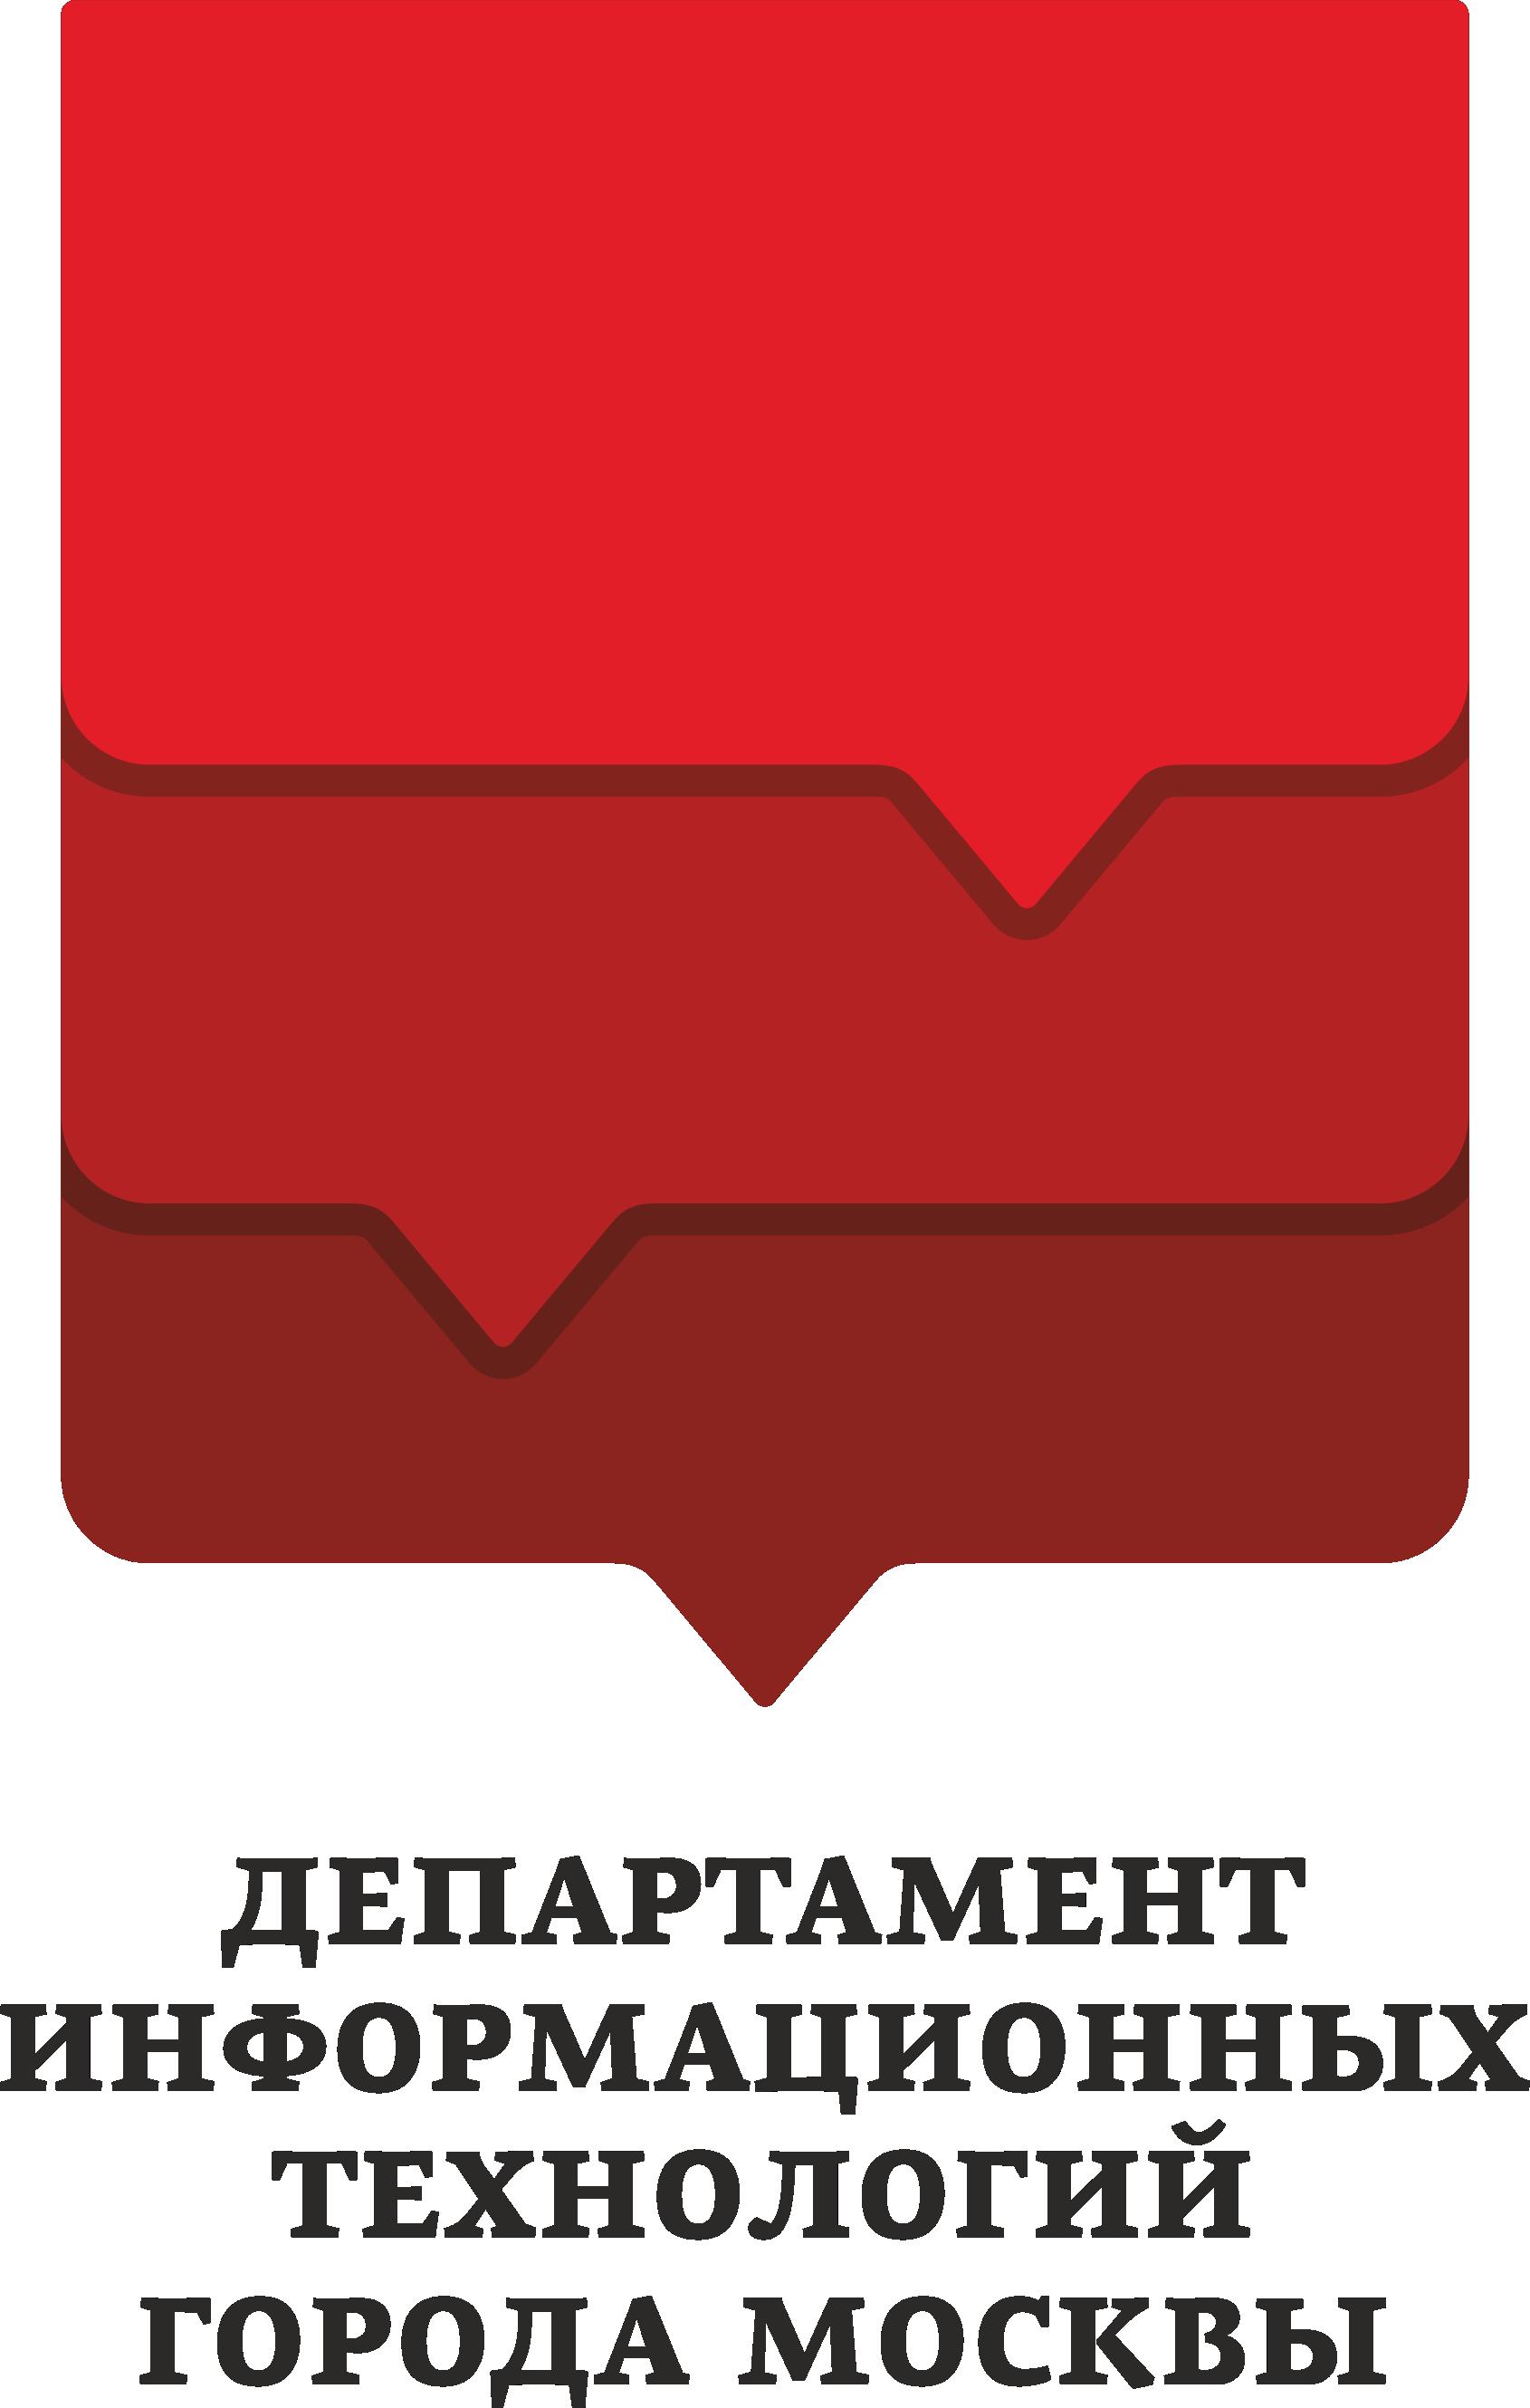 ДИТ приобретет несколько тысяч компьютеров с Windows для сотрудников московских госорганов и учреждений